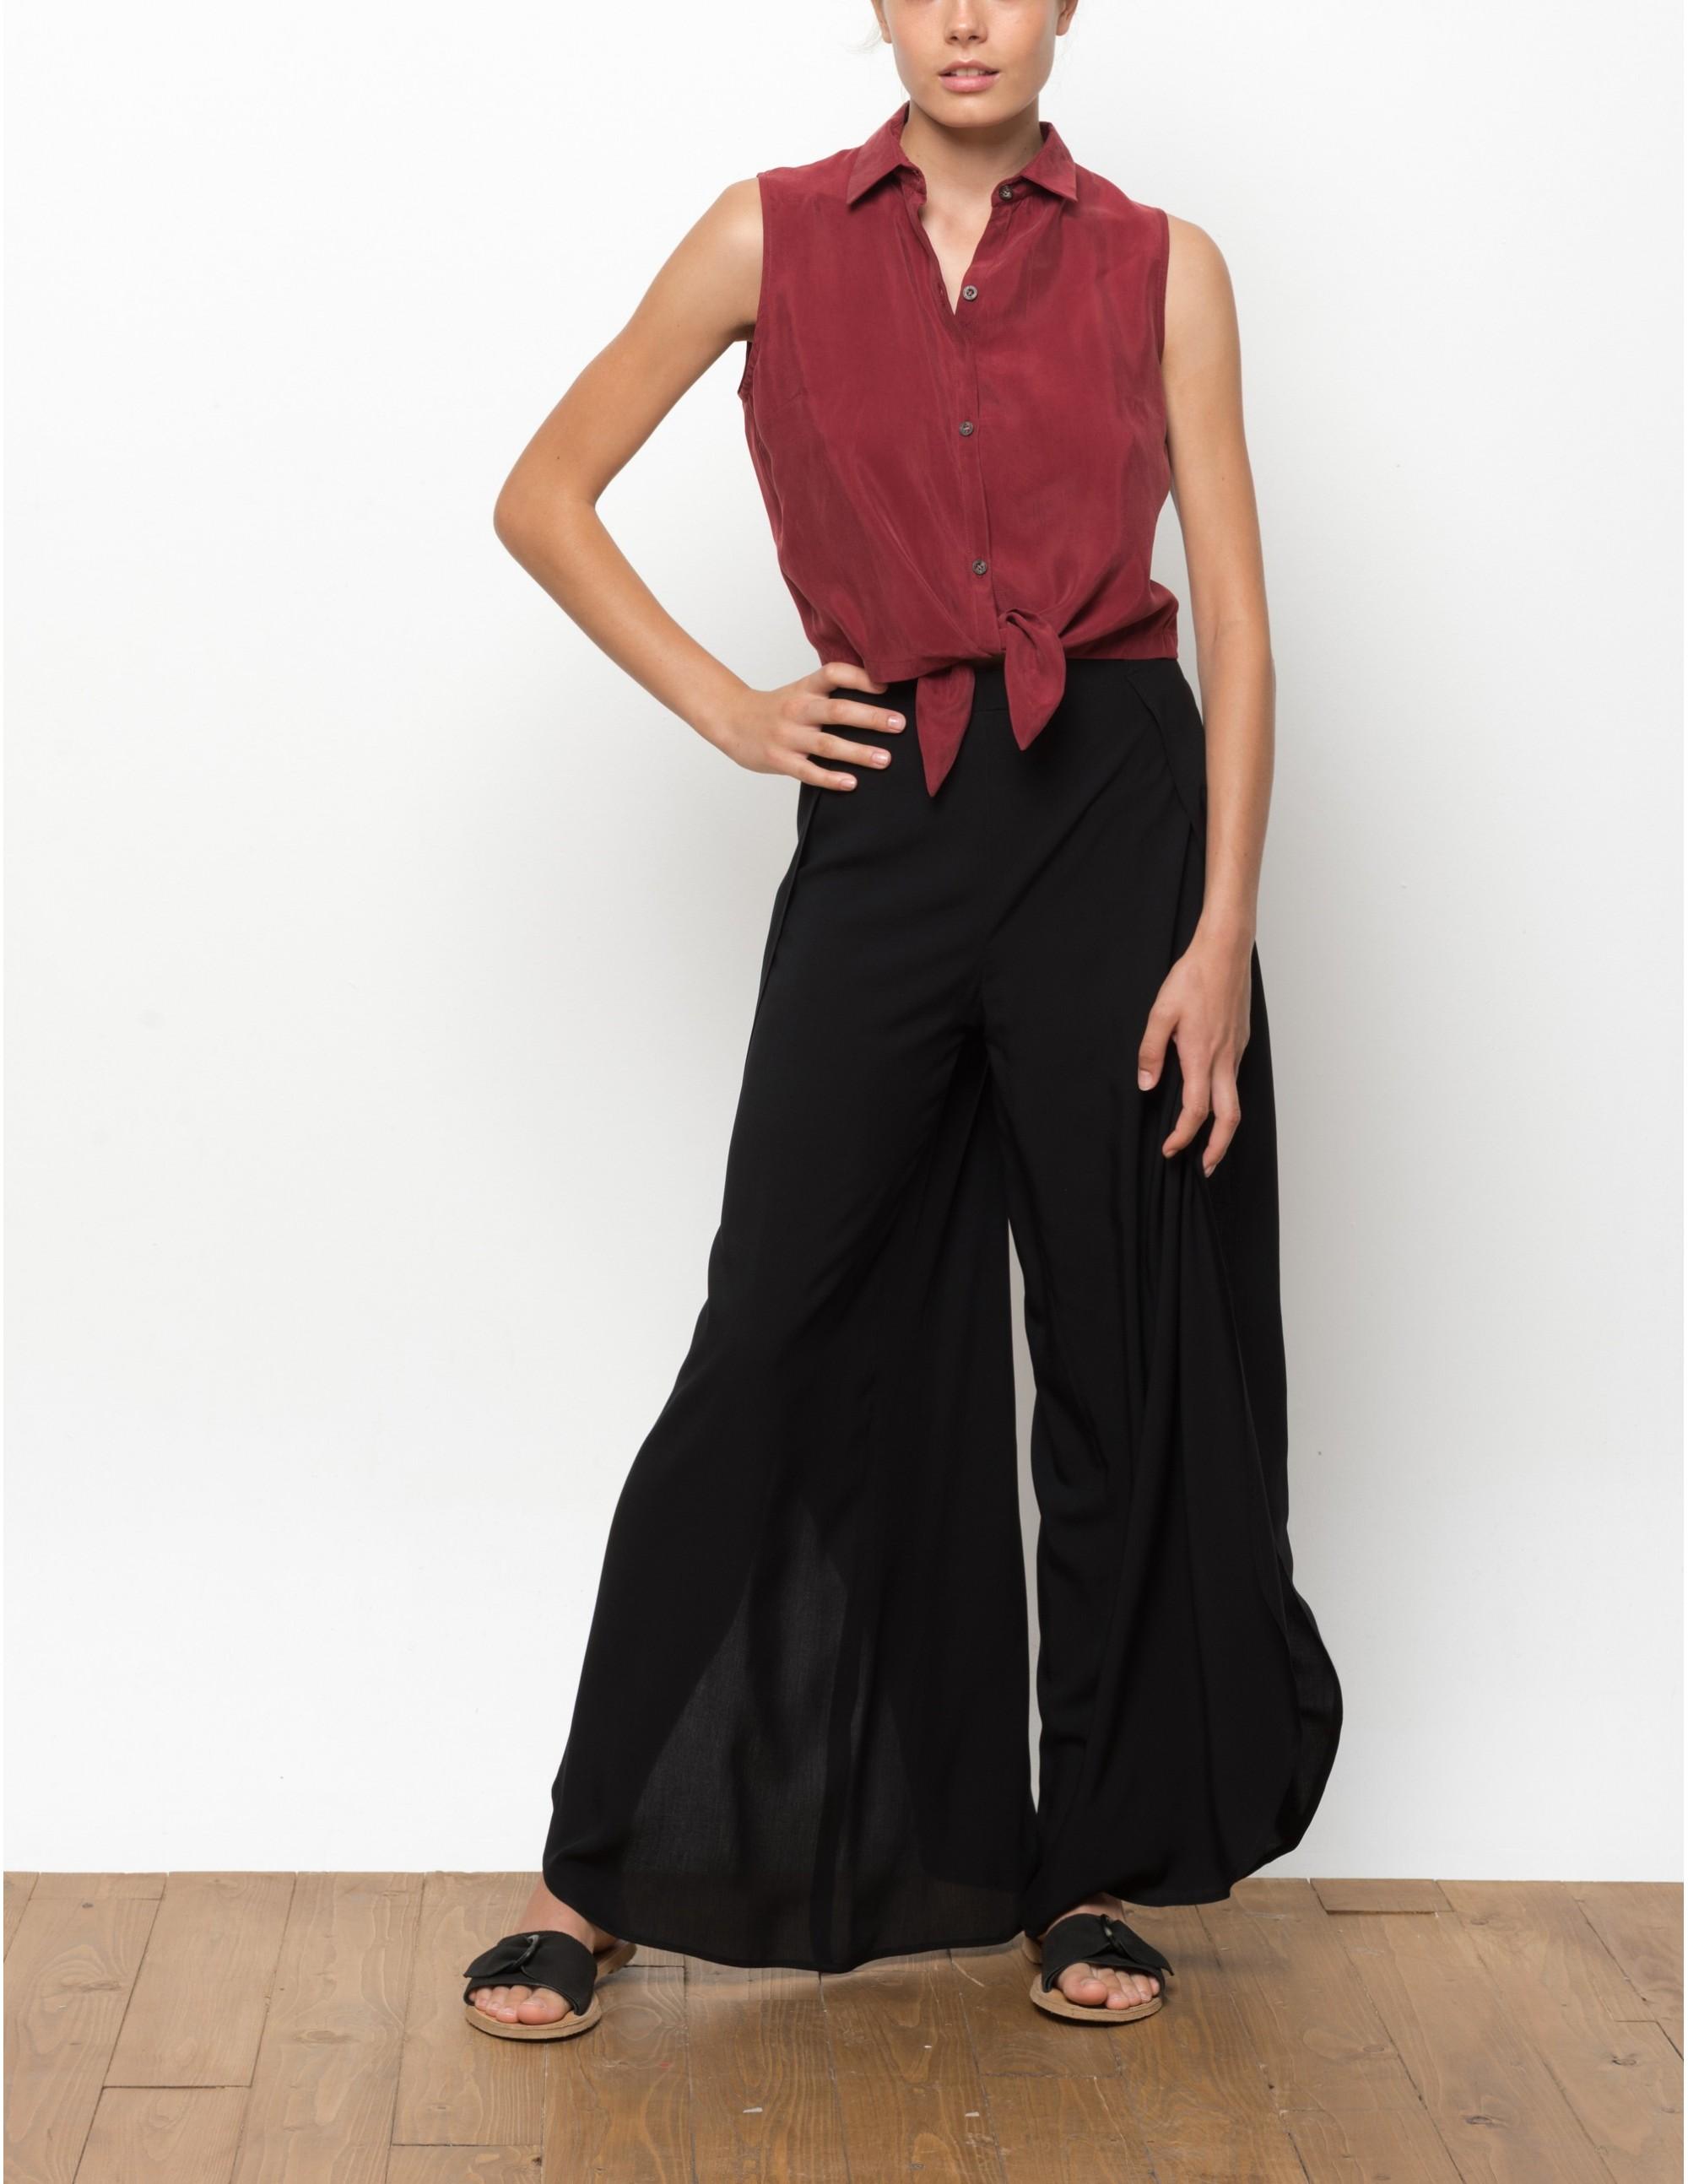 MISALI shirt - MASAAI